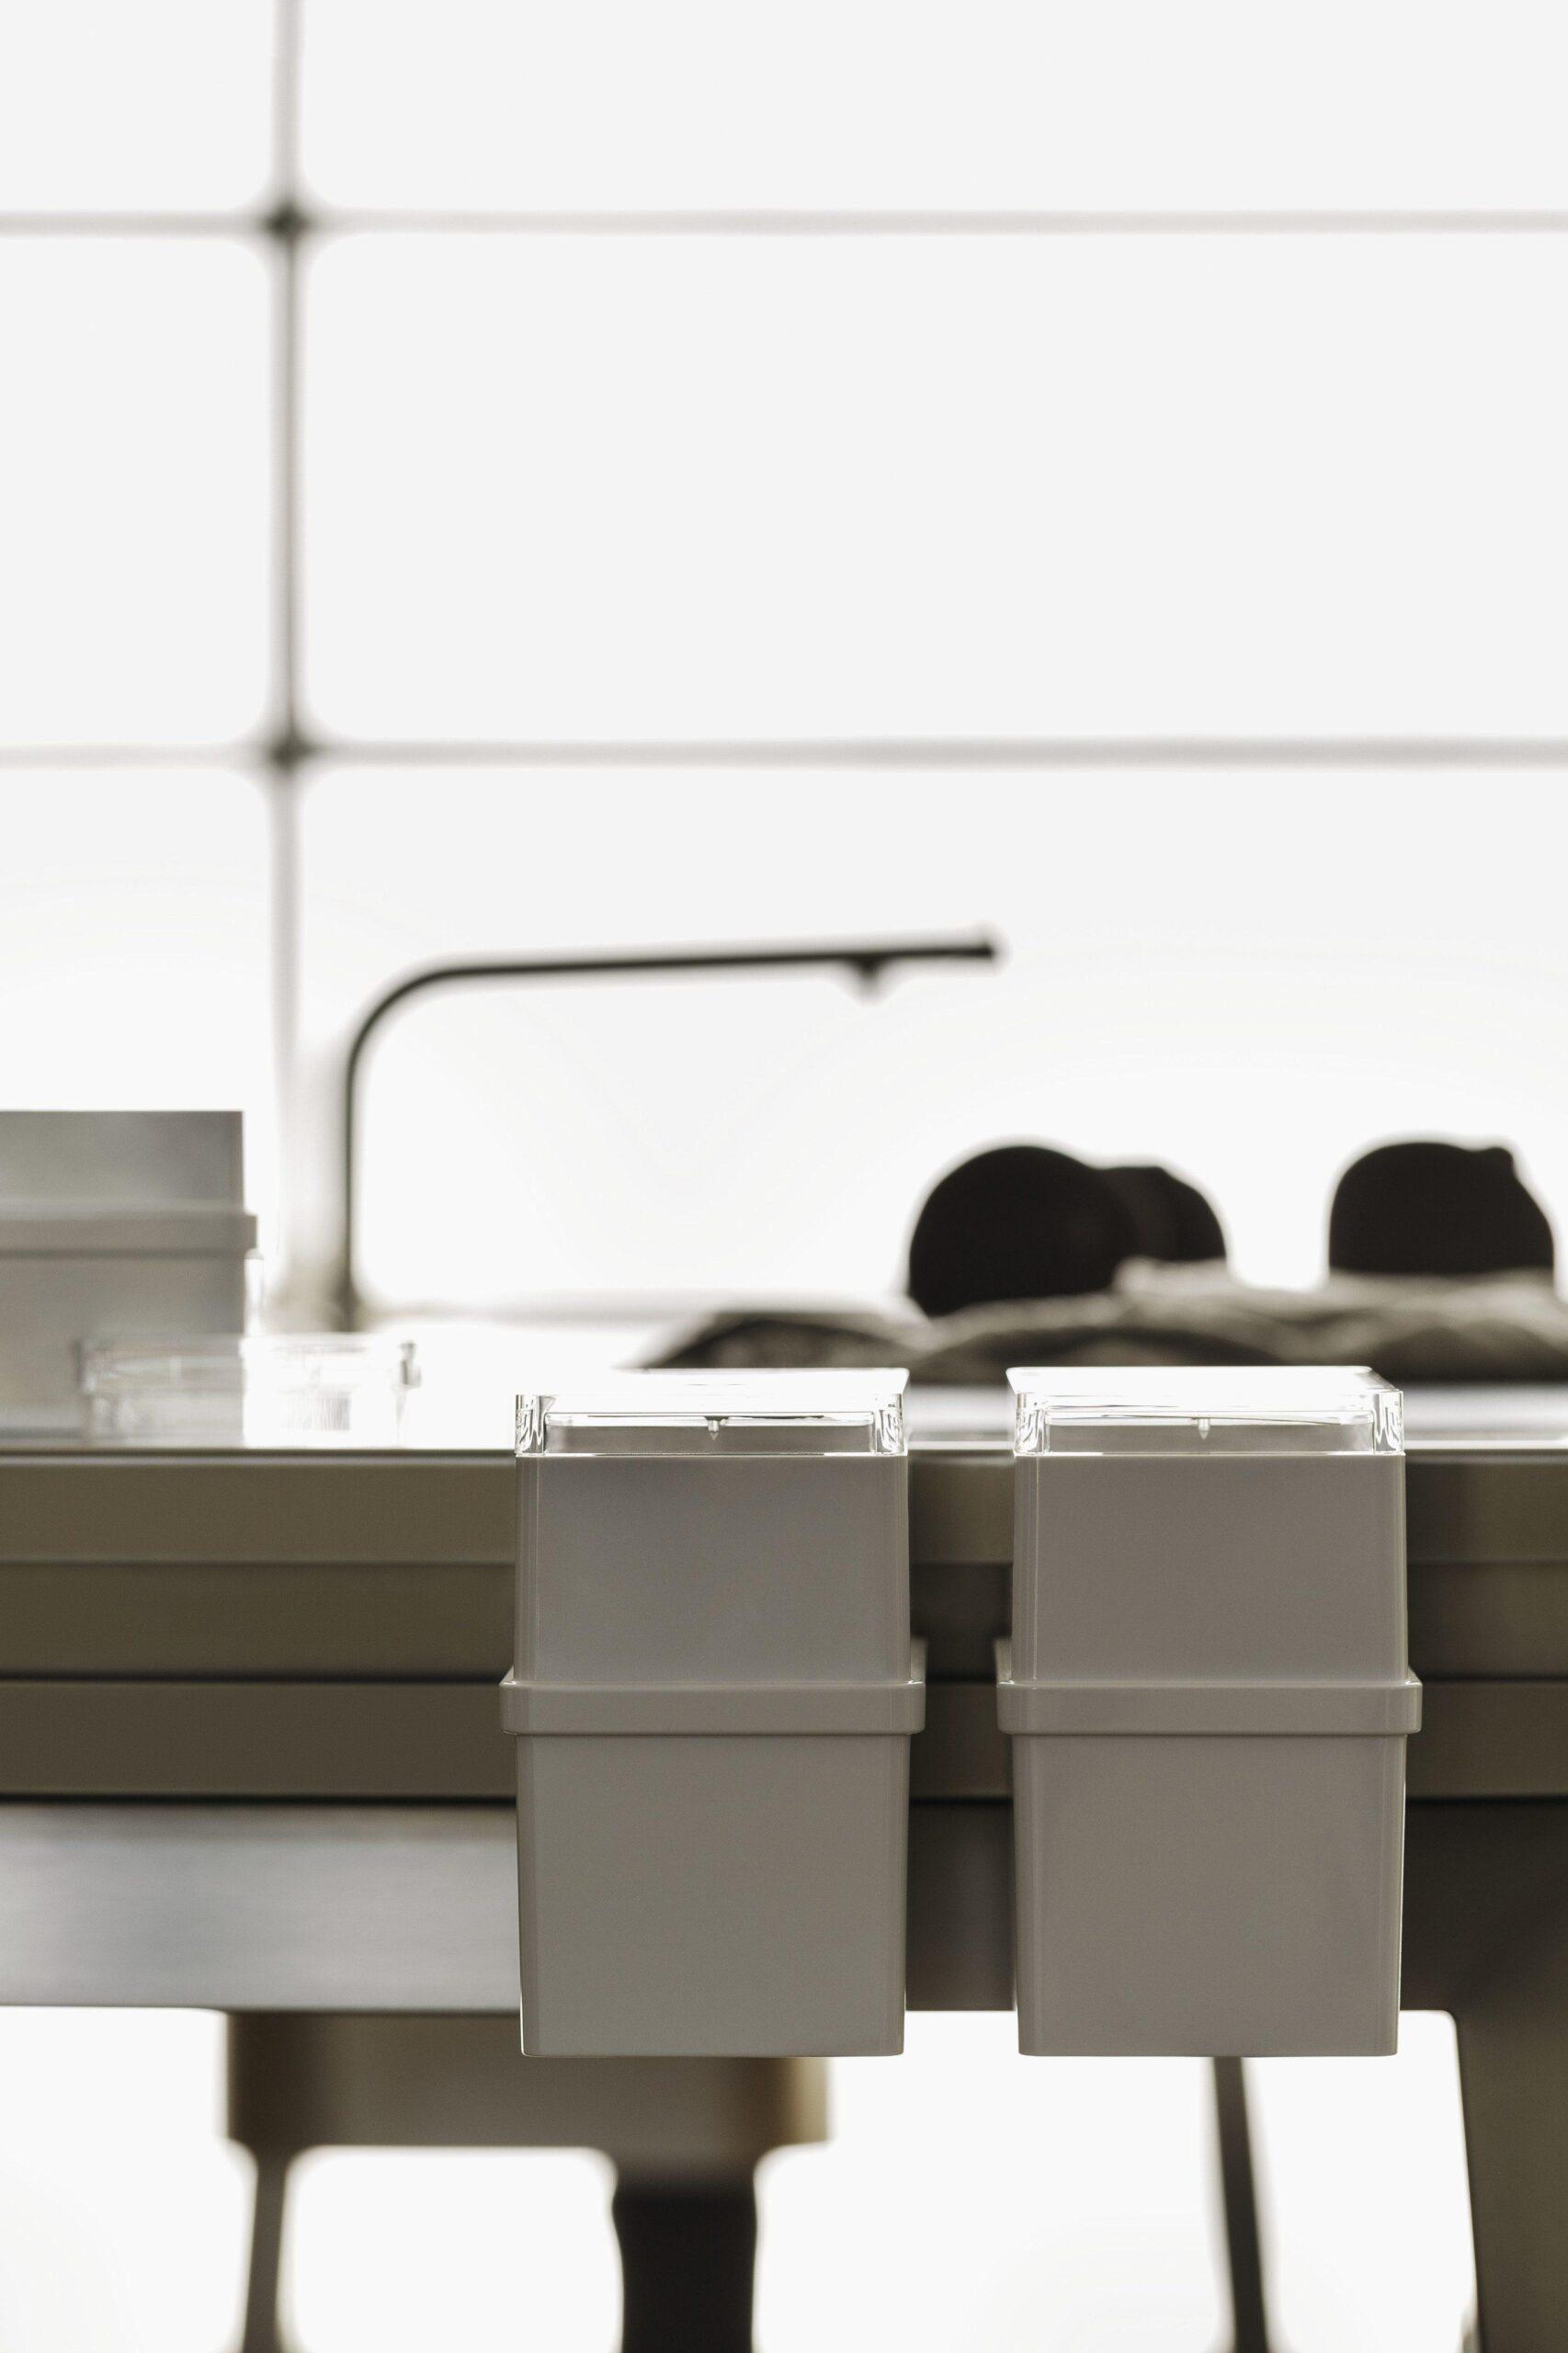 Full Size of Bulthaup B2 Aufbewahrungsbehlter An Der Kchenwe Küchen Regal Aufbewahrungsbehälter Küche Wohnzimmer Küchen Aufbewahrungsbehälter